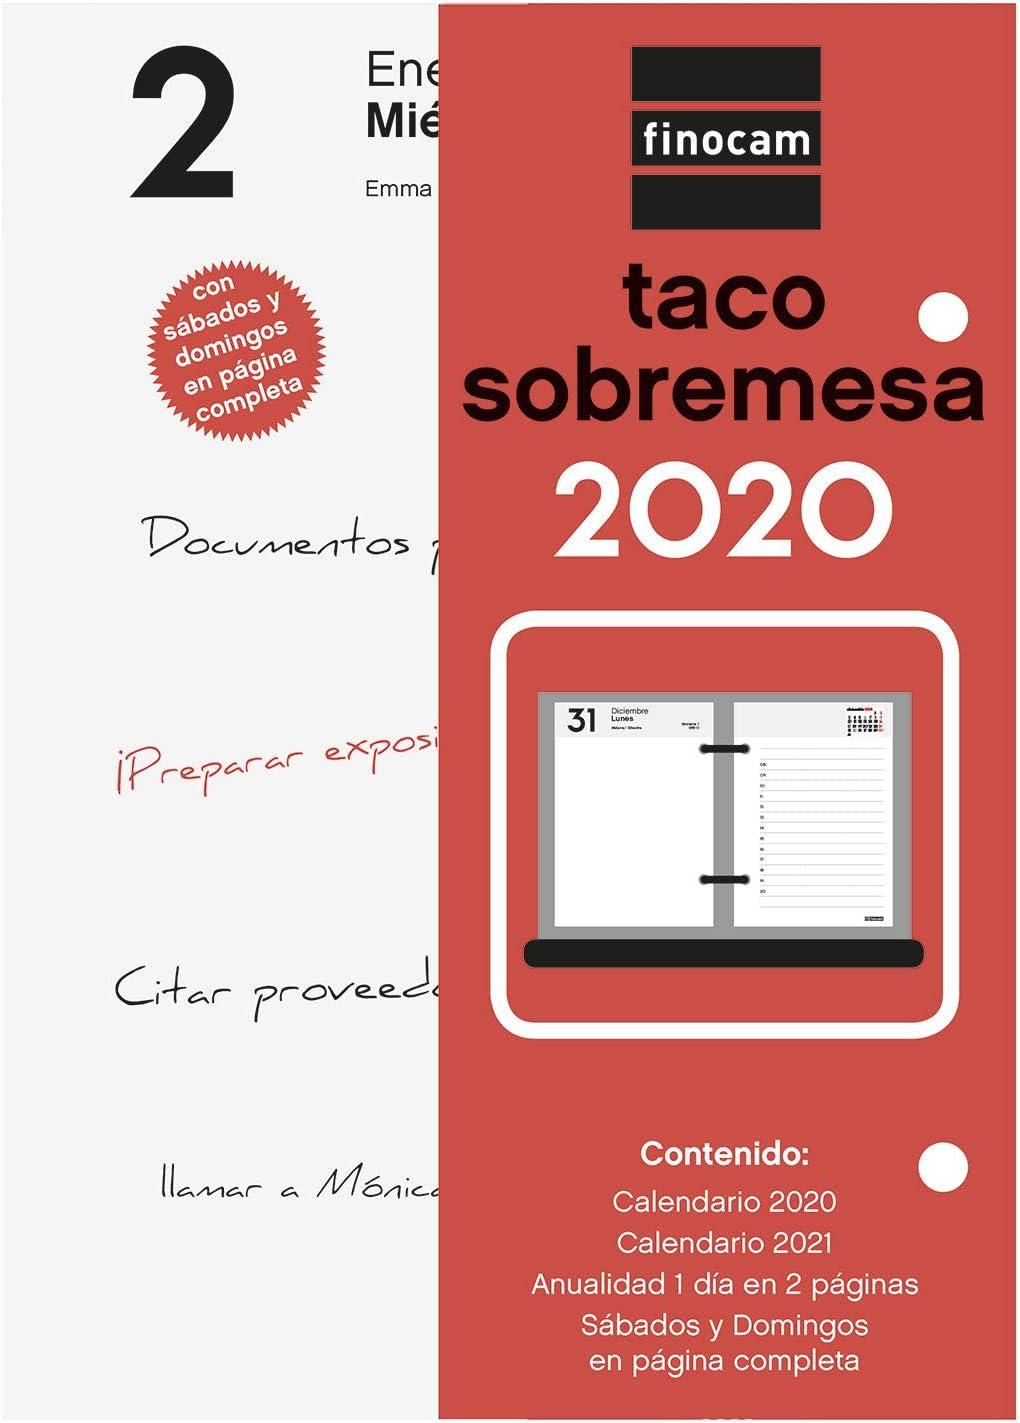 Finocam - Taco 2020 1 día en 2 páginas español